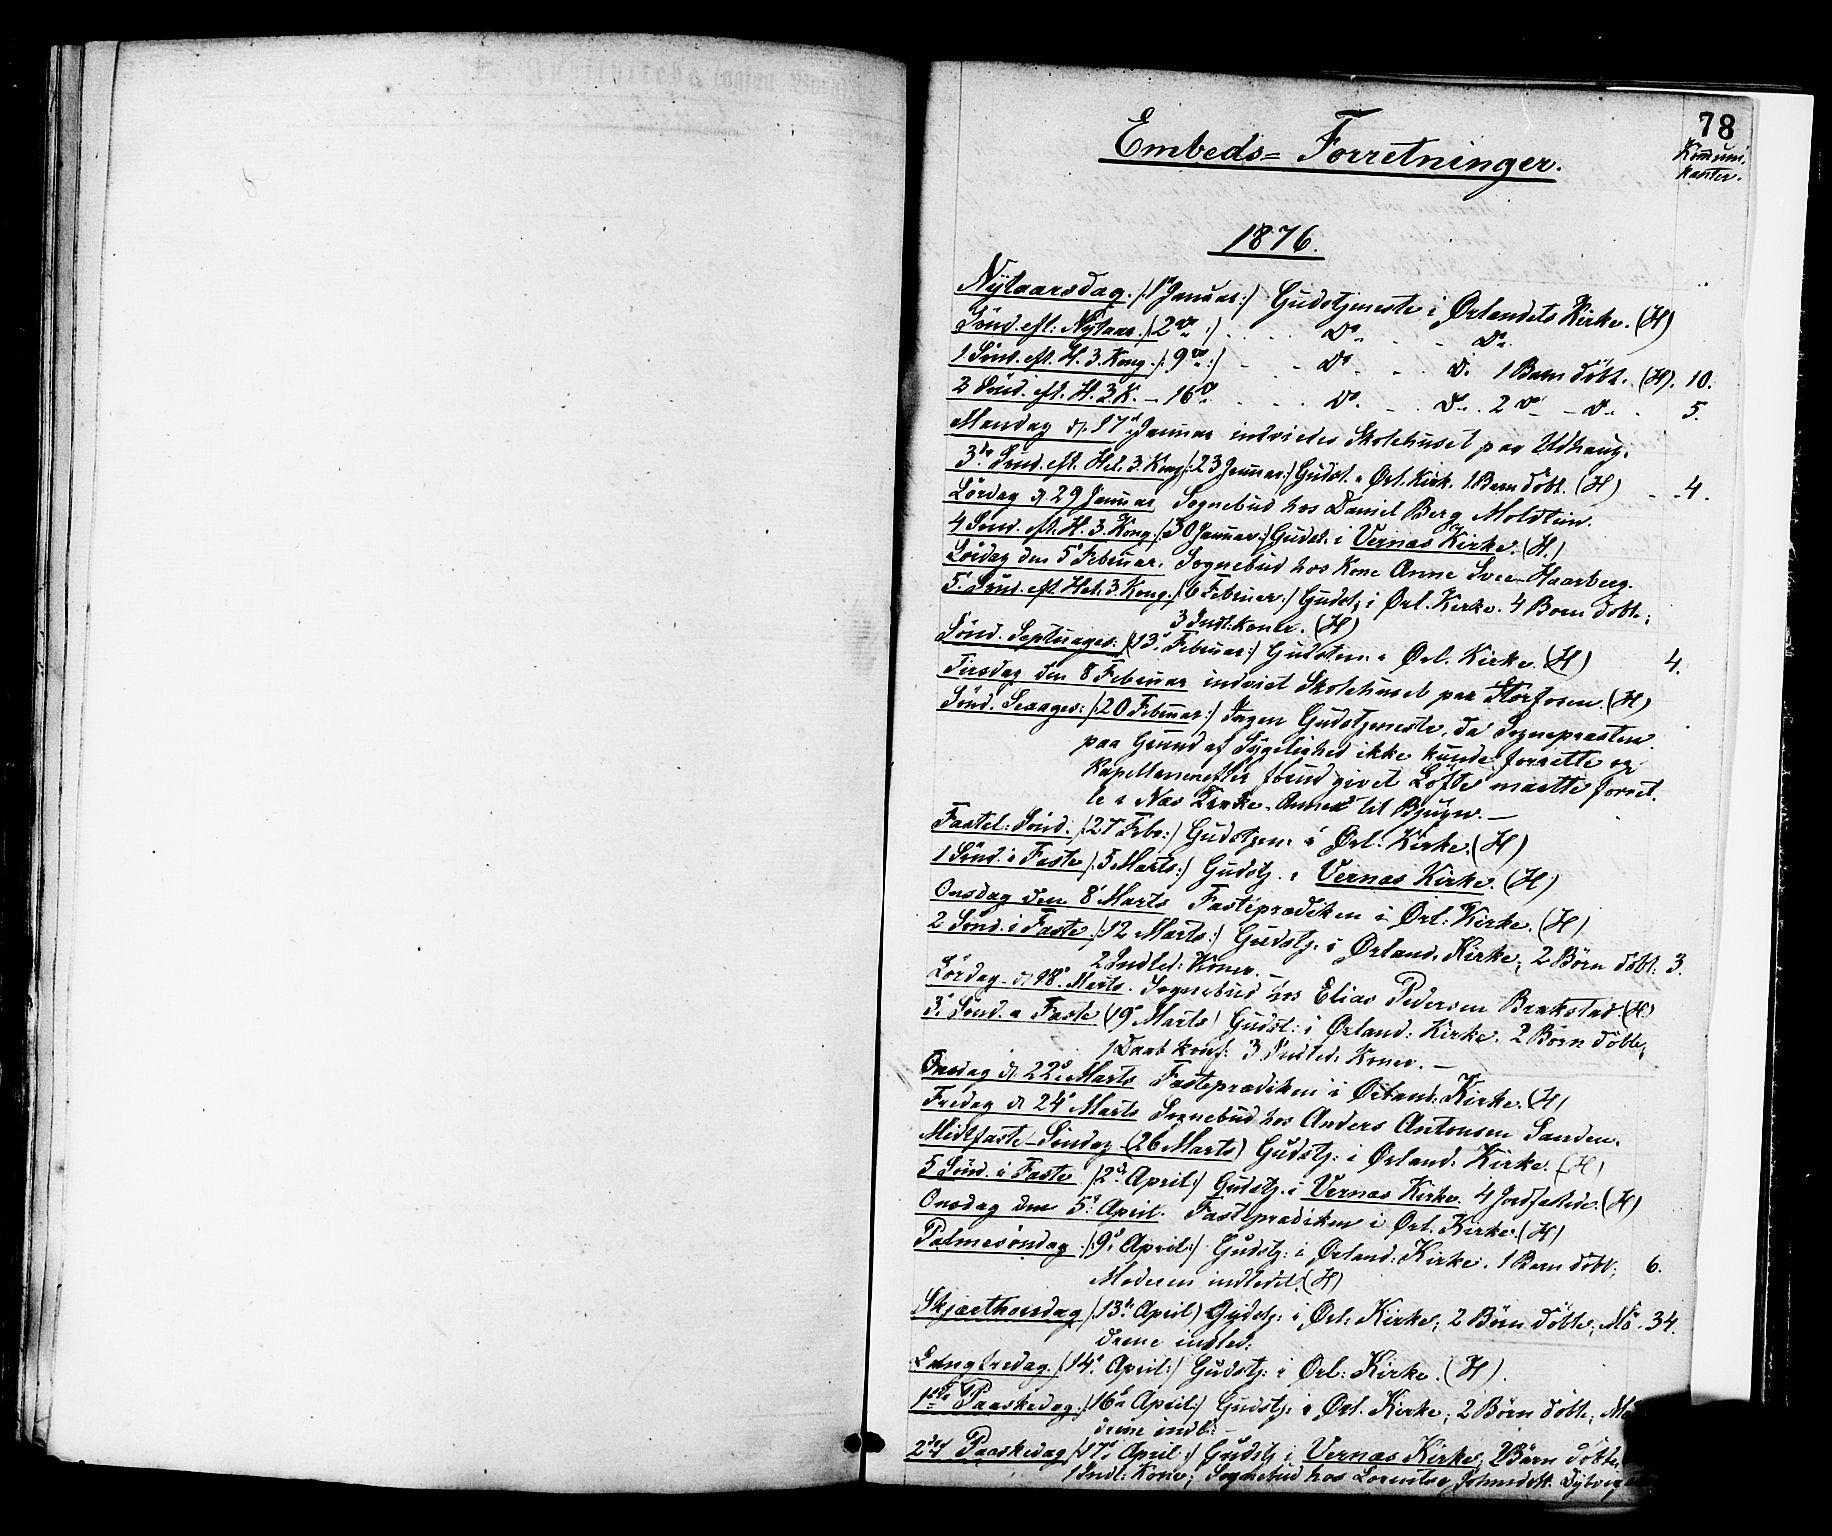 SAT, Ministerialprotokoller, klokkerbøker og fødselsregistre - Sør-Trøndelag, 659/L0738: Ministerialbok nr. 659A08, 1876-1878, s. 78